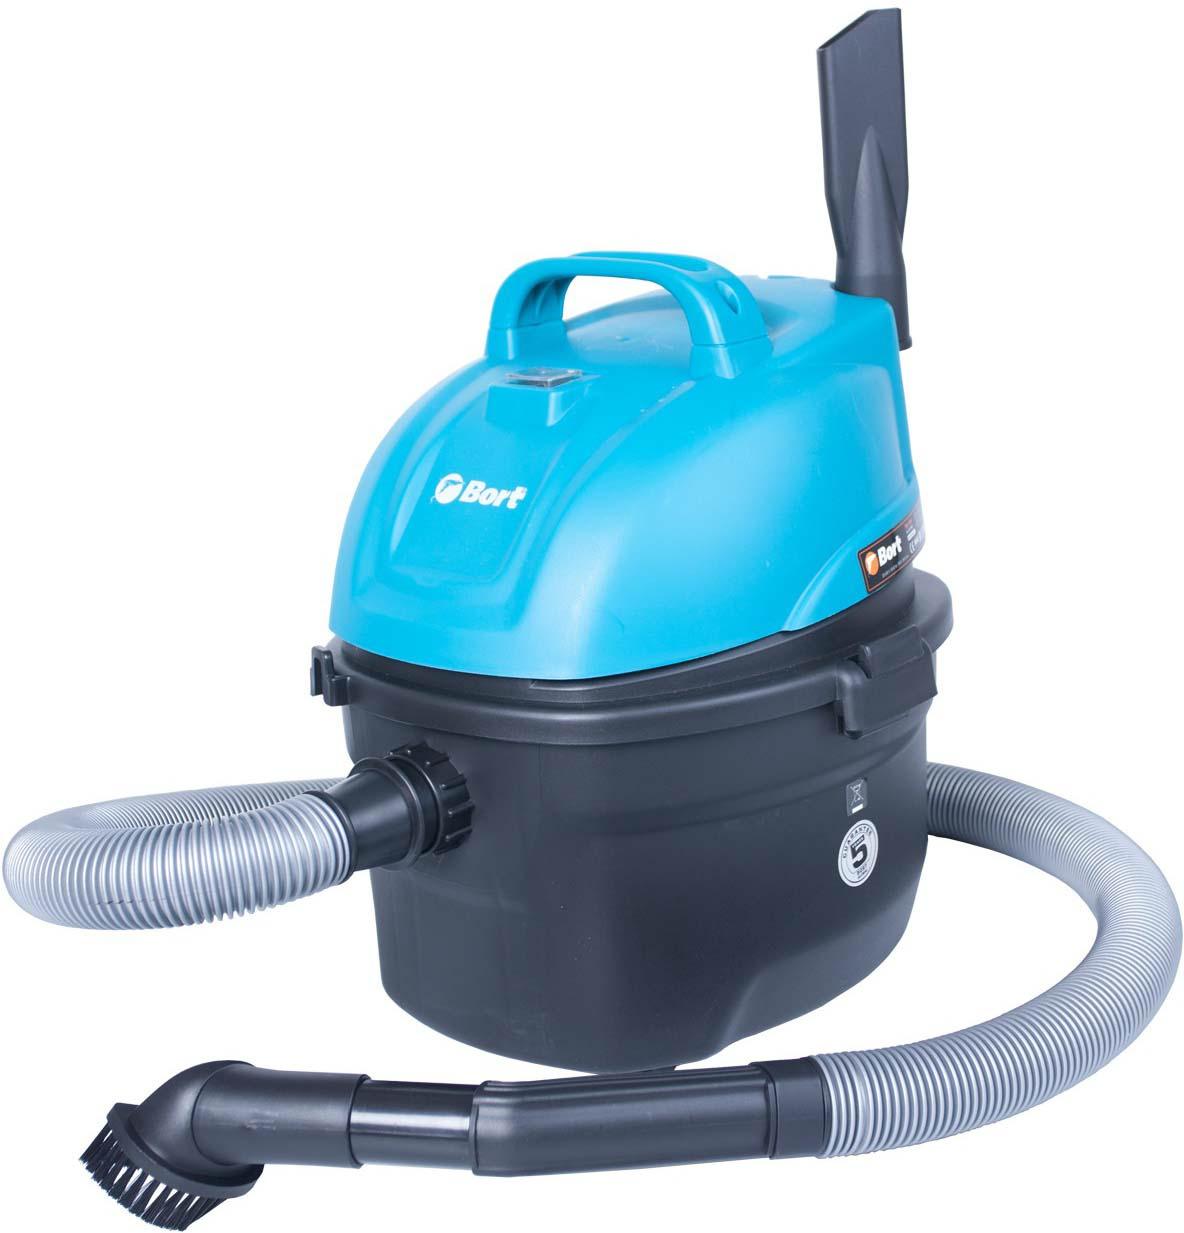 Пылесос для сухой и влажной уборки Bort BSS-1008 пылесос хозяйственный сухой и влажной уборки shop vac super 30 i